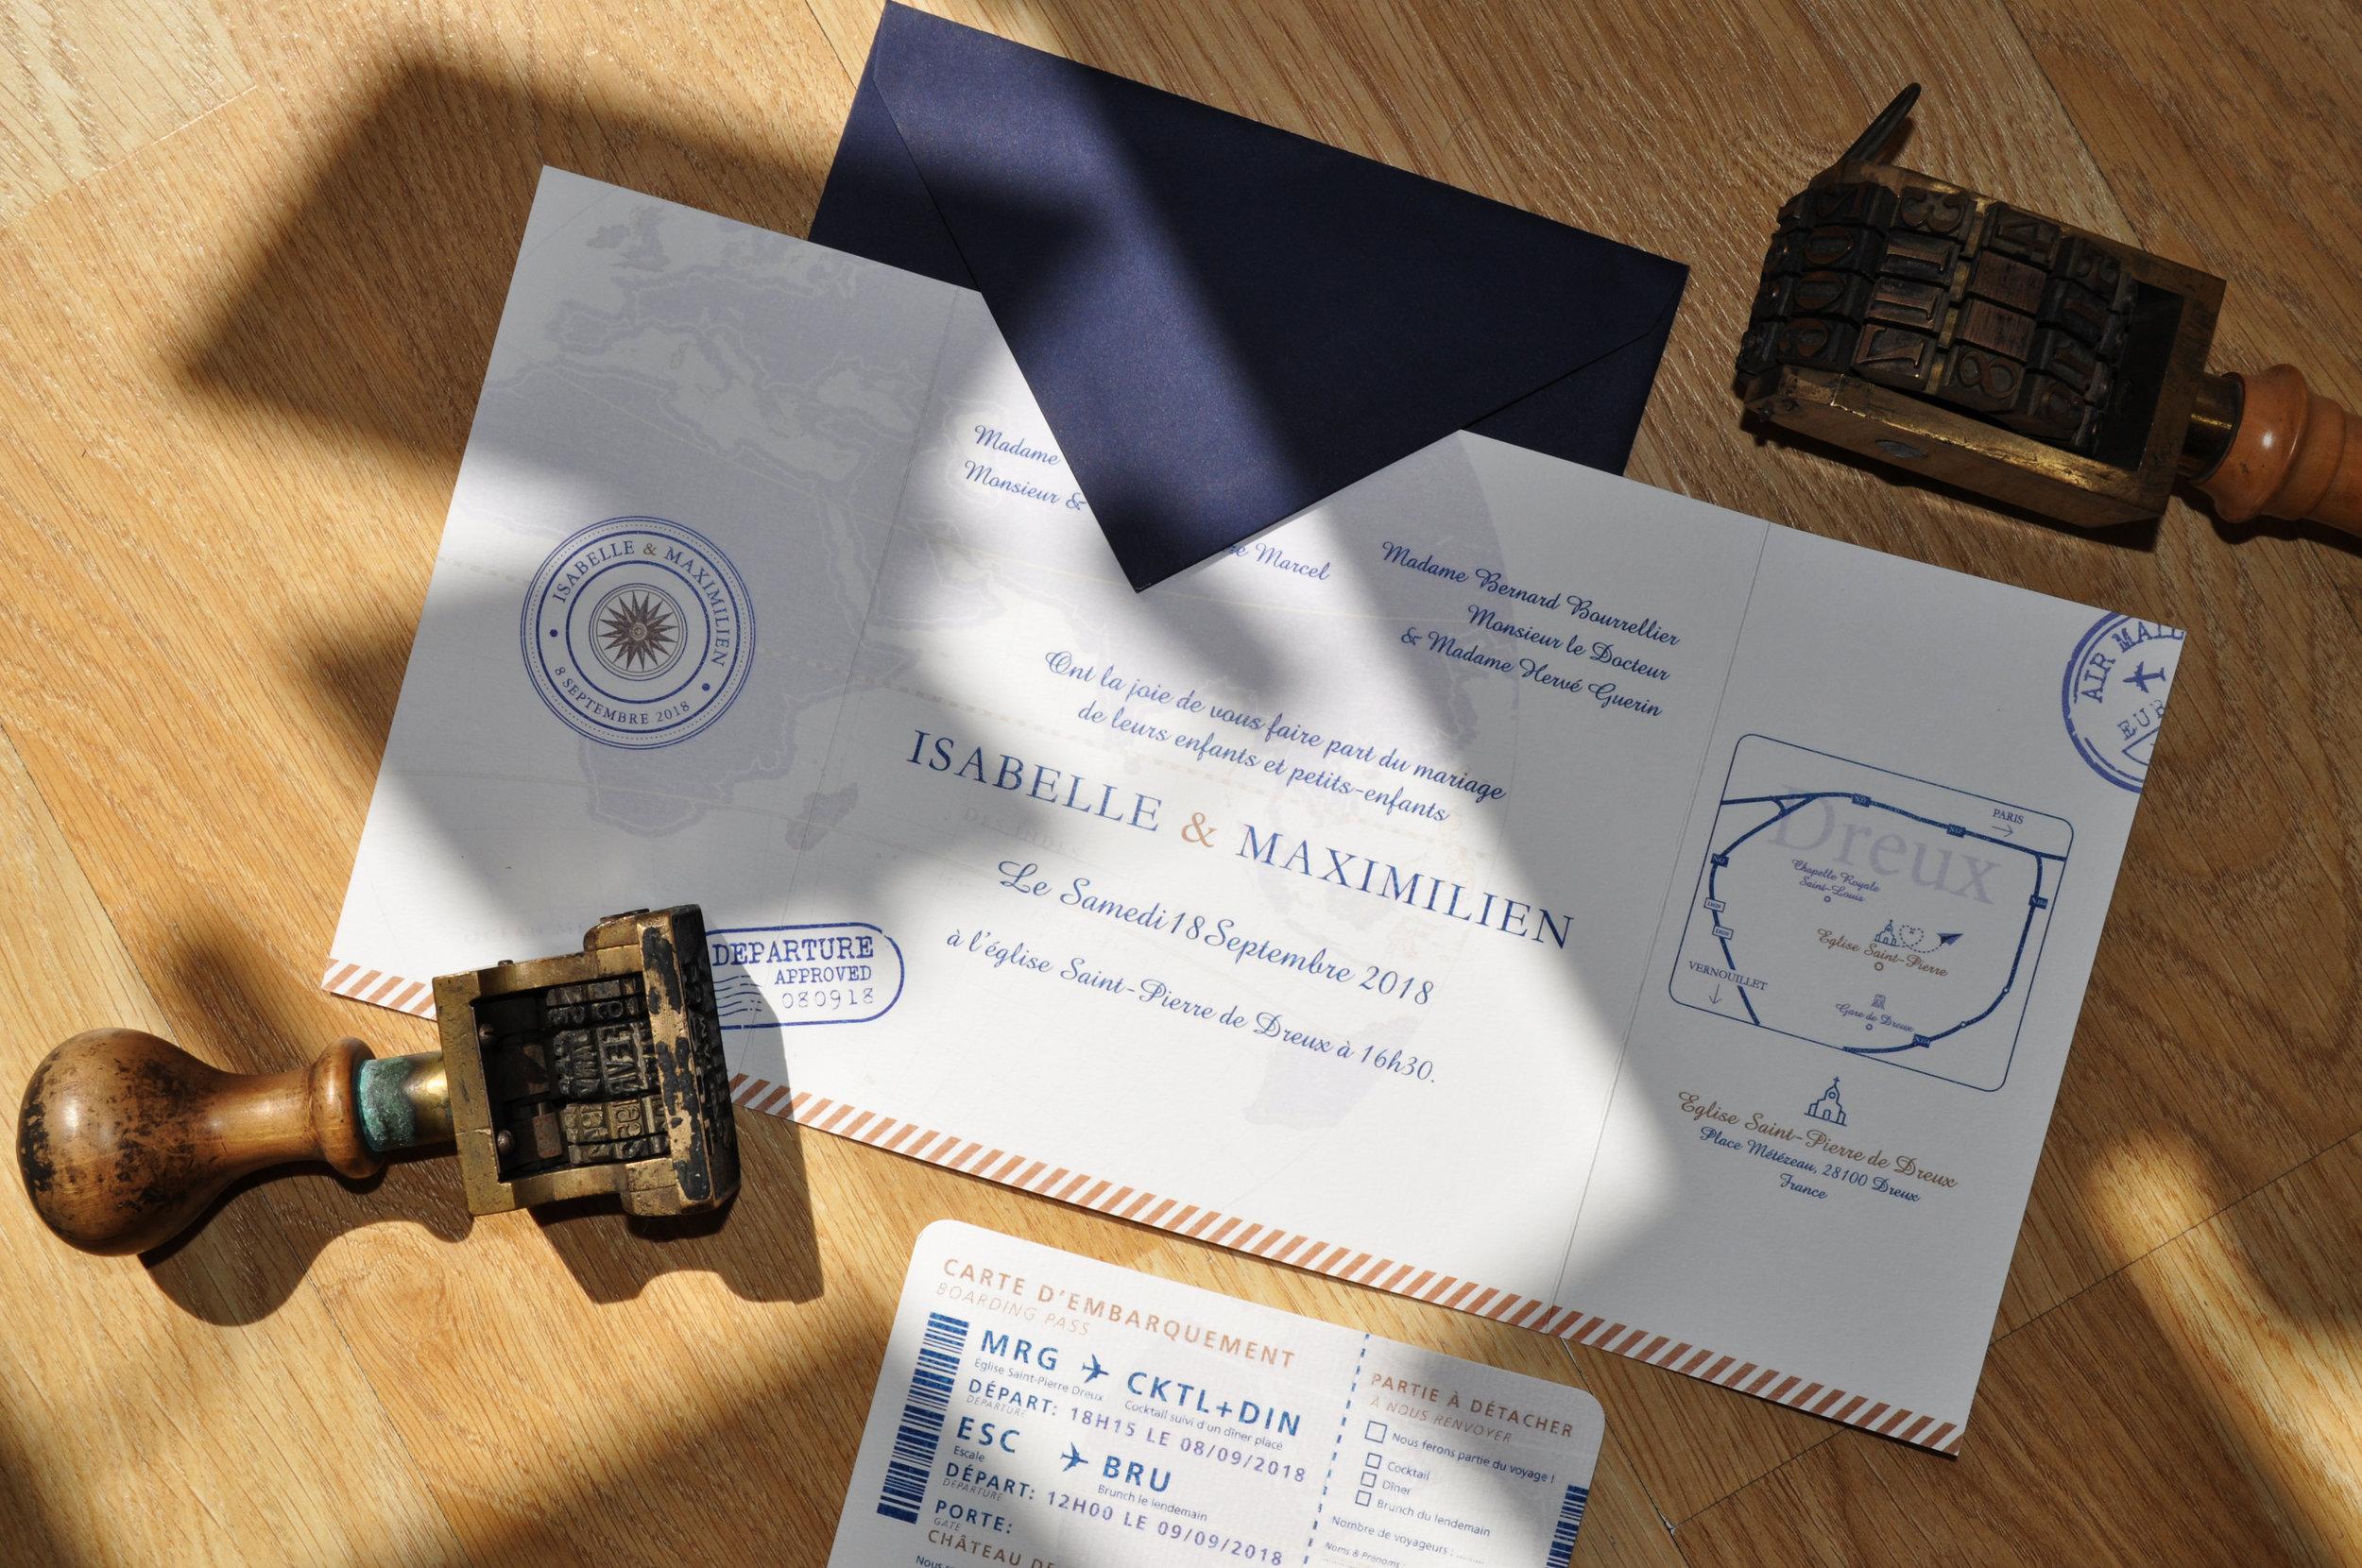 faire-part 3 volets - création sur mesure - thème voyage - papier bleu nuit.jpg